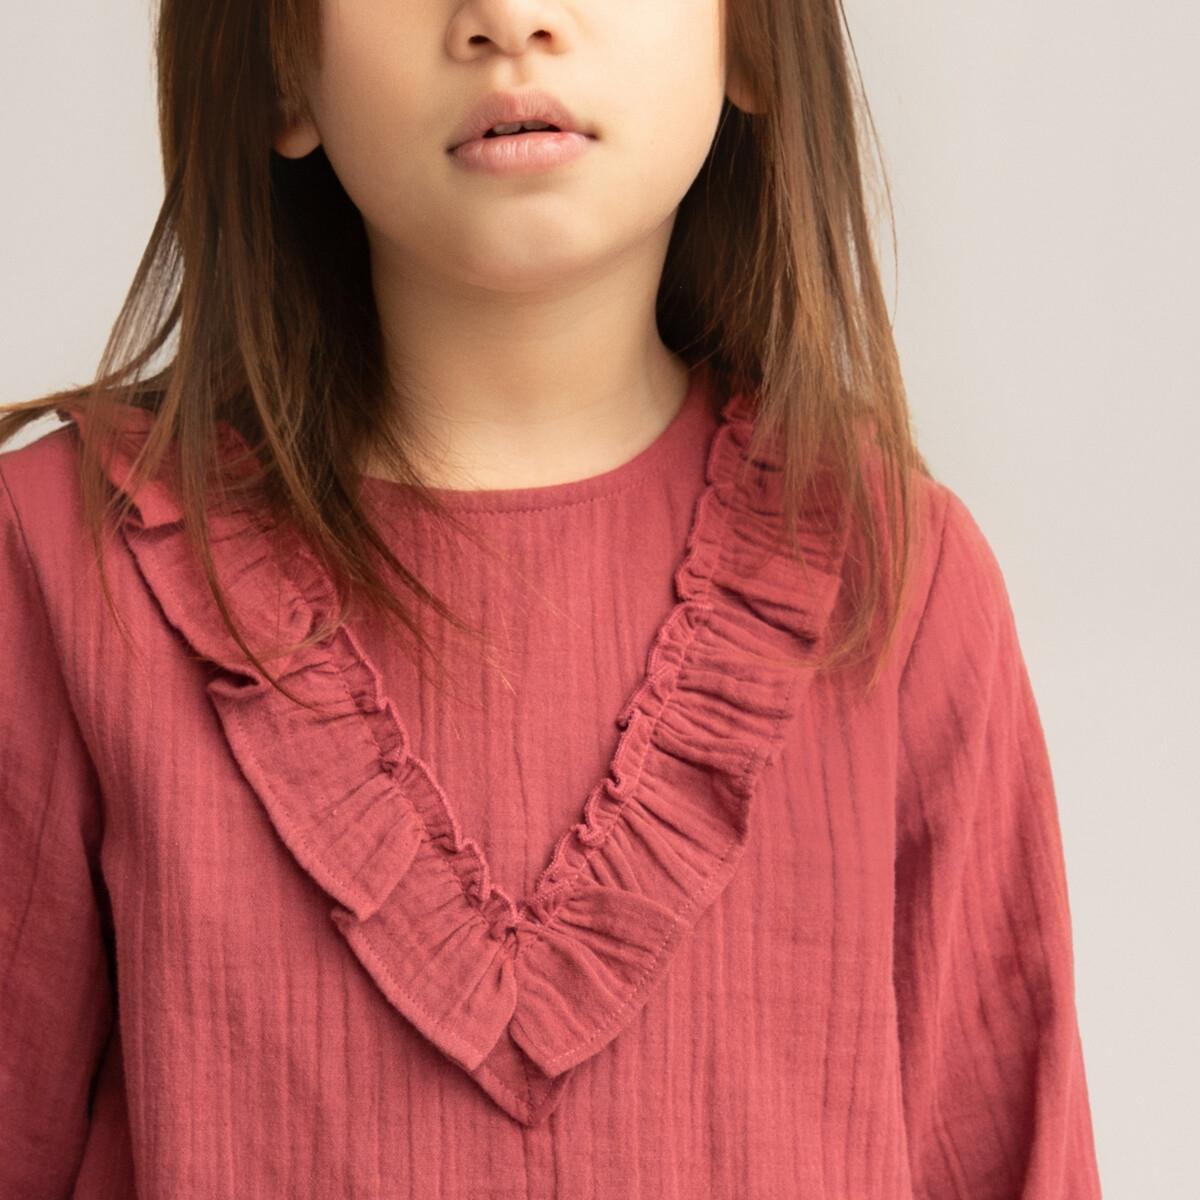 Блузка LaRedoute С воланами из хлопчатобумажной газовой ткани 2-14 лет 10 лет - 138 см розовый